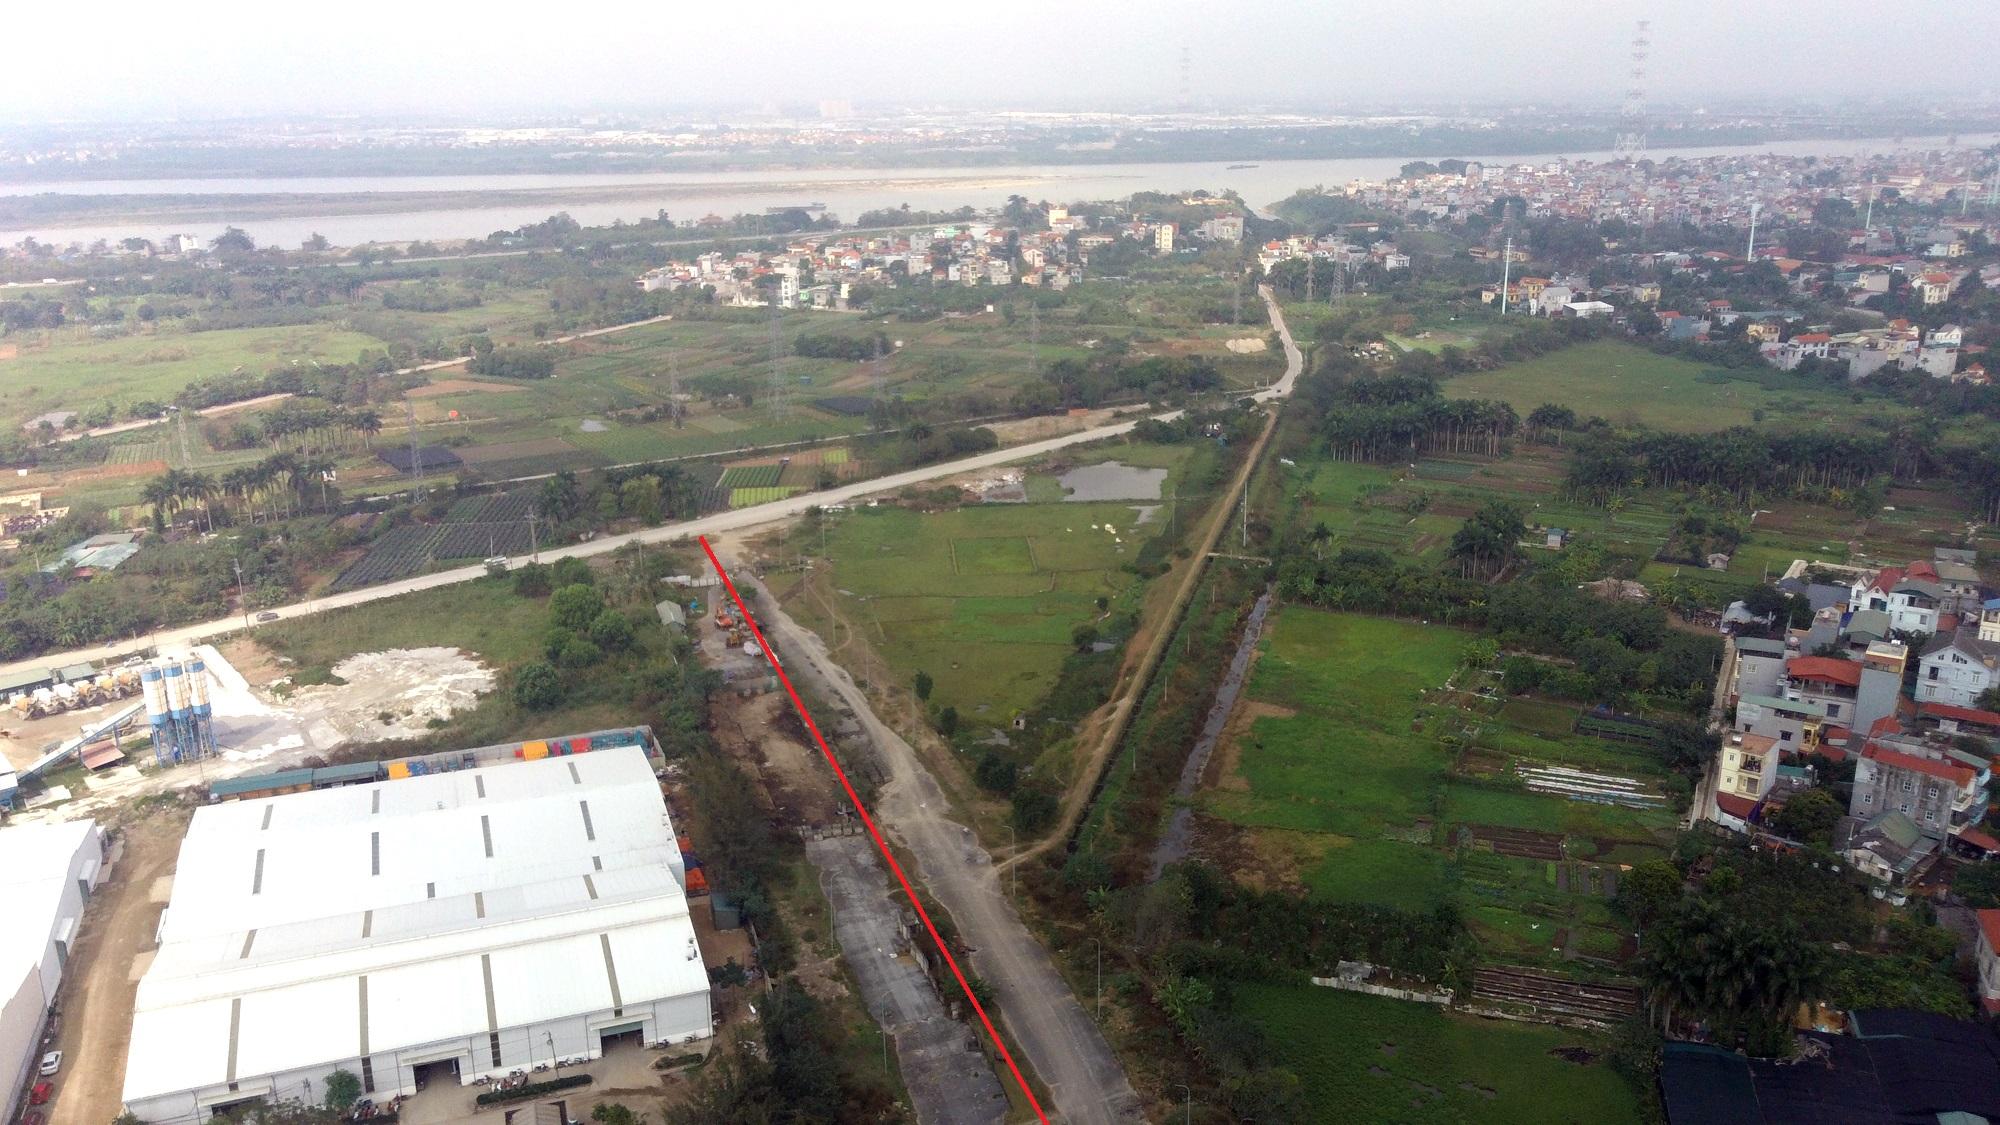 3 đường sẽ mở theo qui hoạch ở phường Thụy Phương, Bắc Từ Liêm - Ảnh 9.